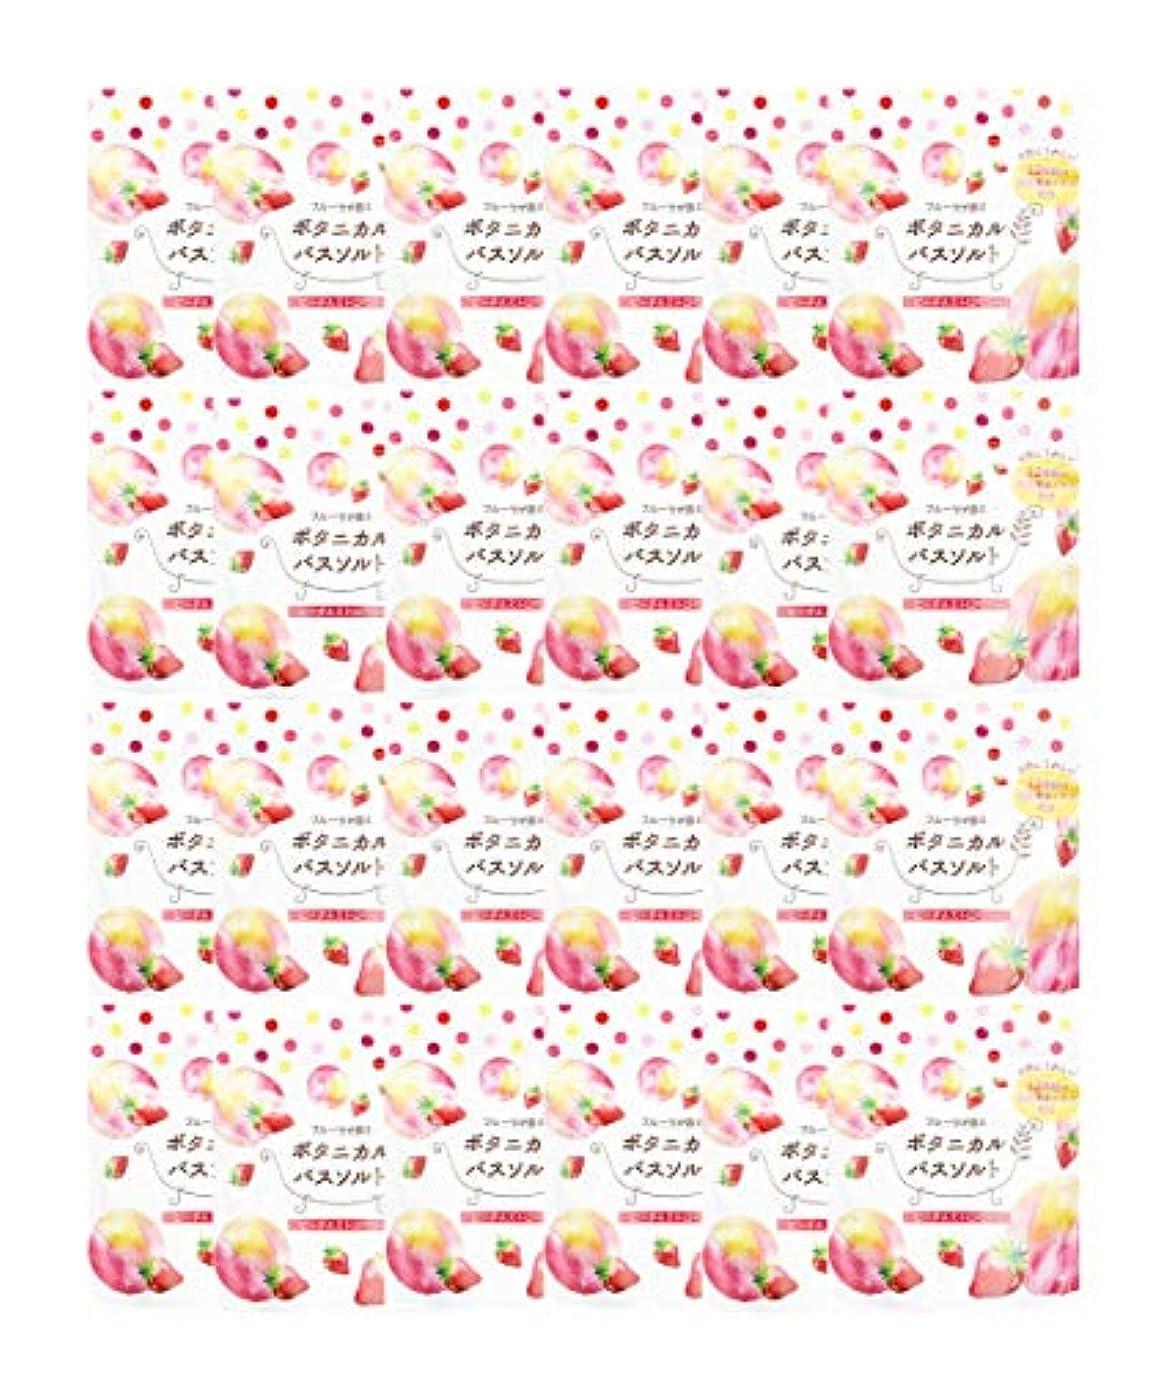 禁輸弱点努力する松田医薬品 フルーツが香るボタニカルバスソルト ピーチ&ストロベリー 30g 24個セット